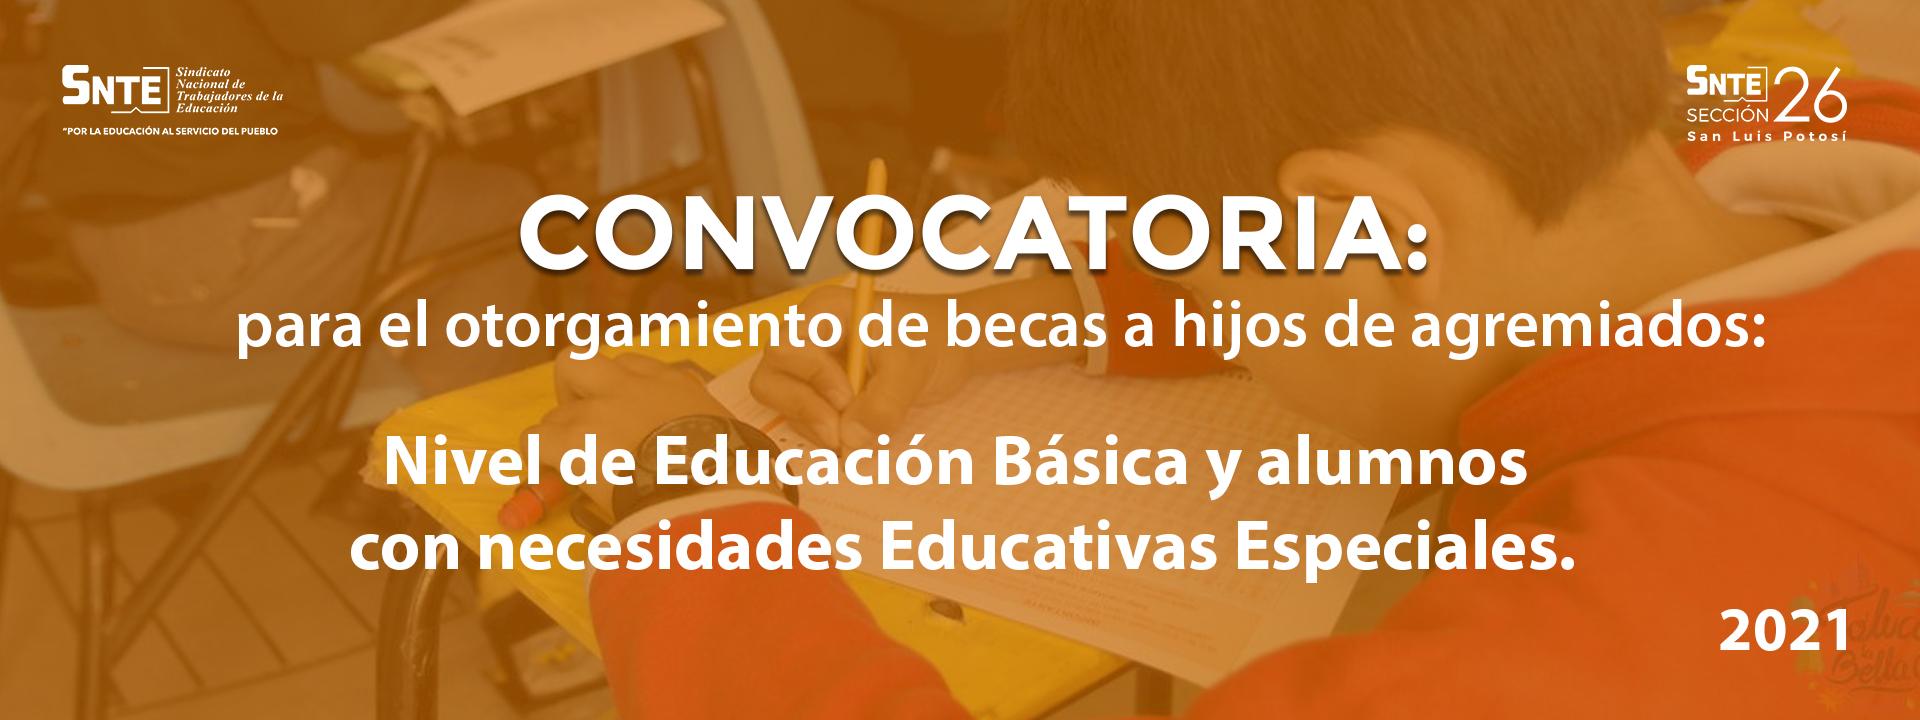 Convocatoria a hijos de agremiados, nivel de Edu. Básica y alumnos con necesidades Educativas Especiales